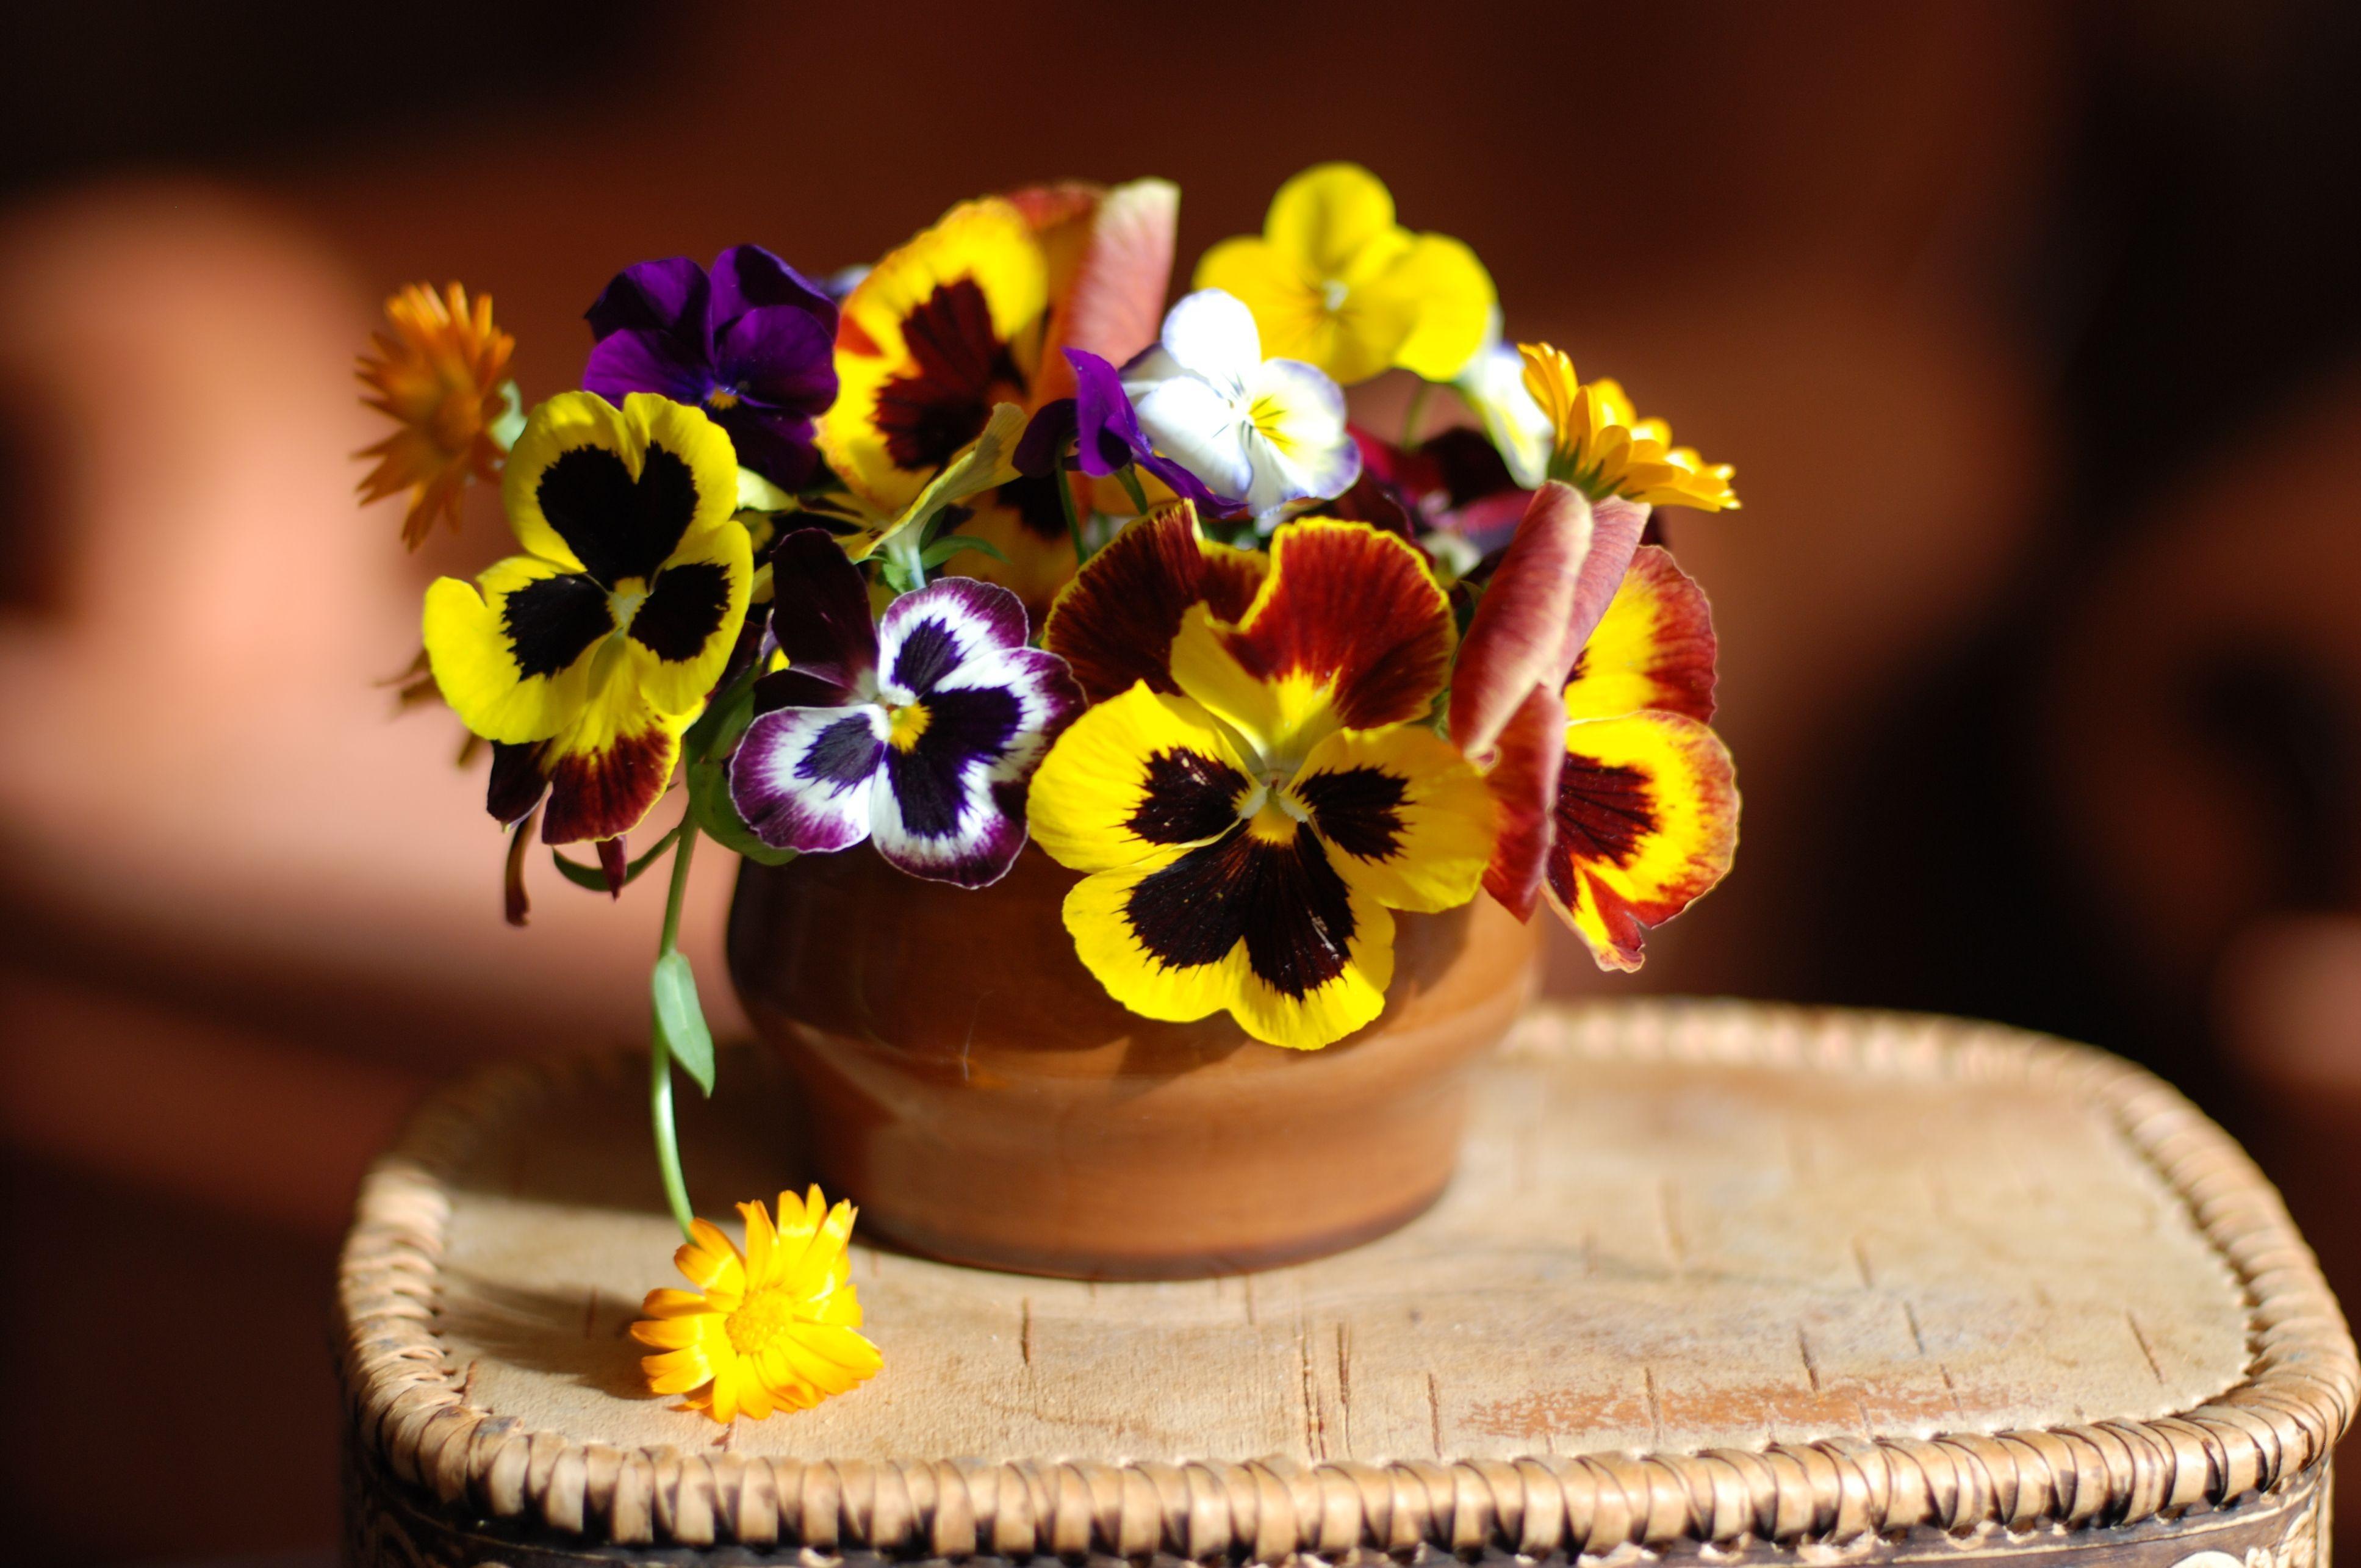 156130 Заставки и Обои Анютины Глазки на телефон. Скачать Цветы, Анютины Глазки, Ваза, Подставка картинки бесплатно